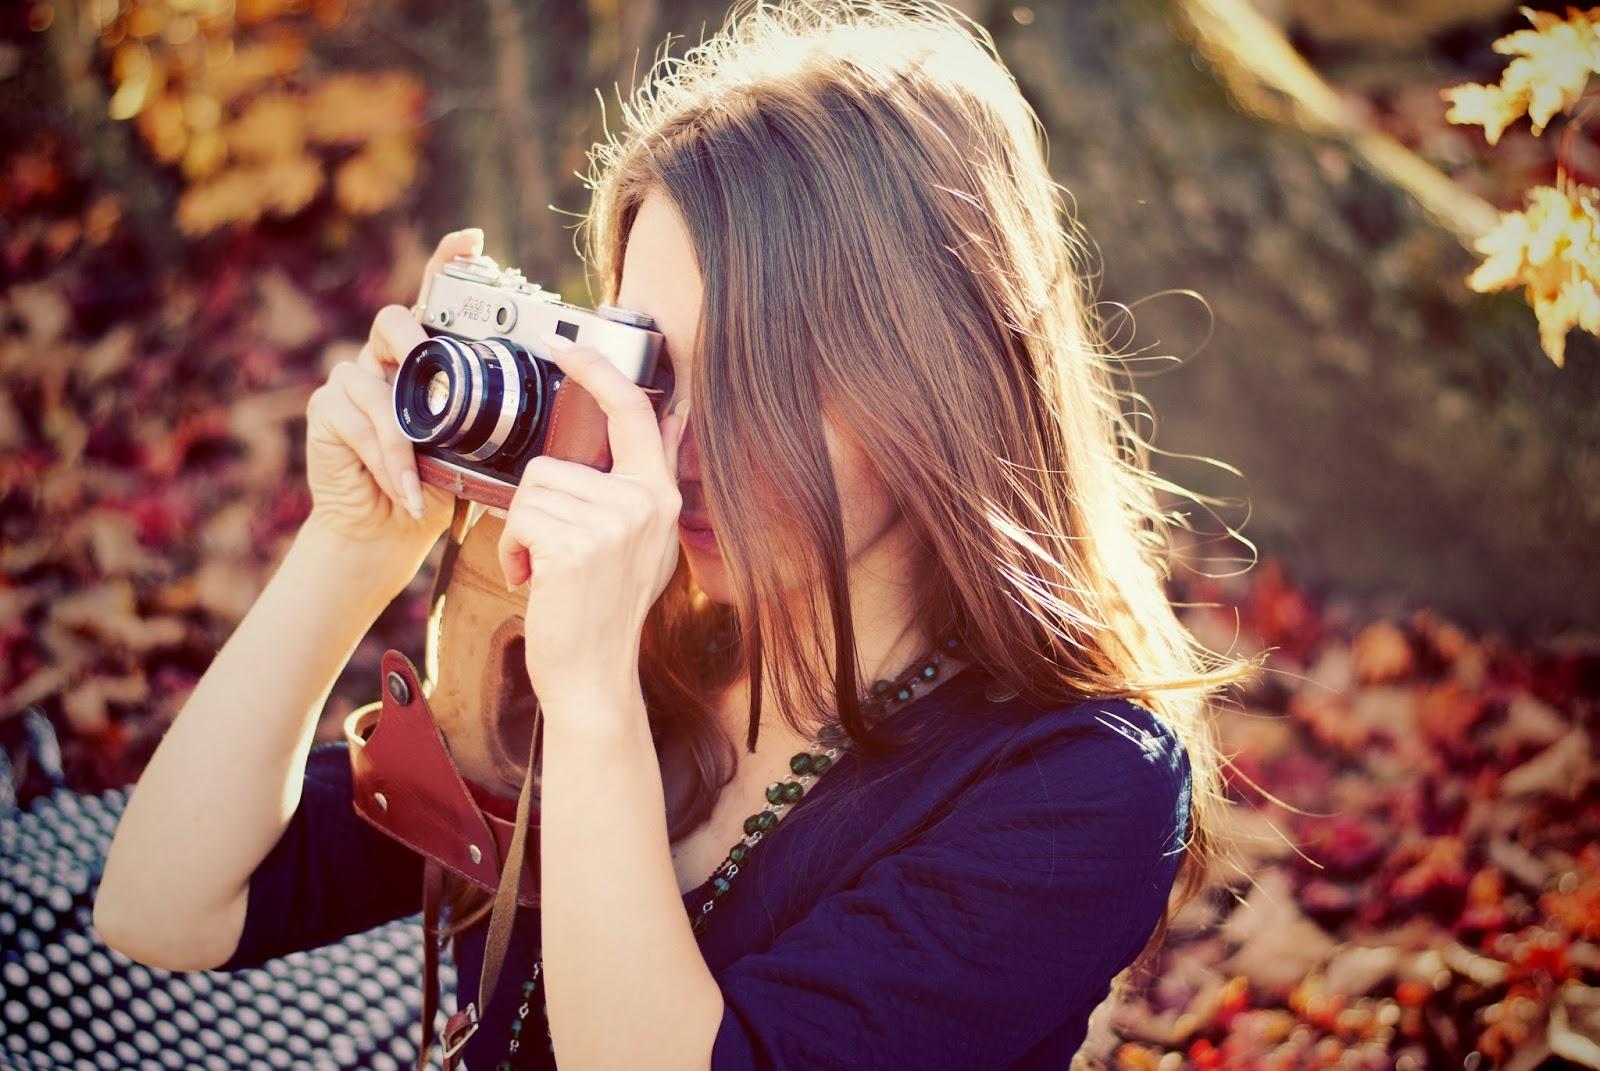 Учиться на фотографа в краснодаре